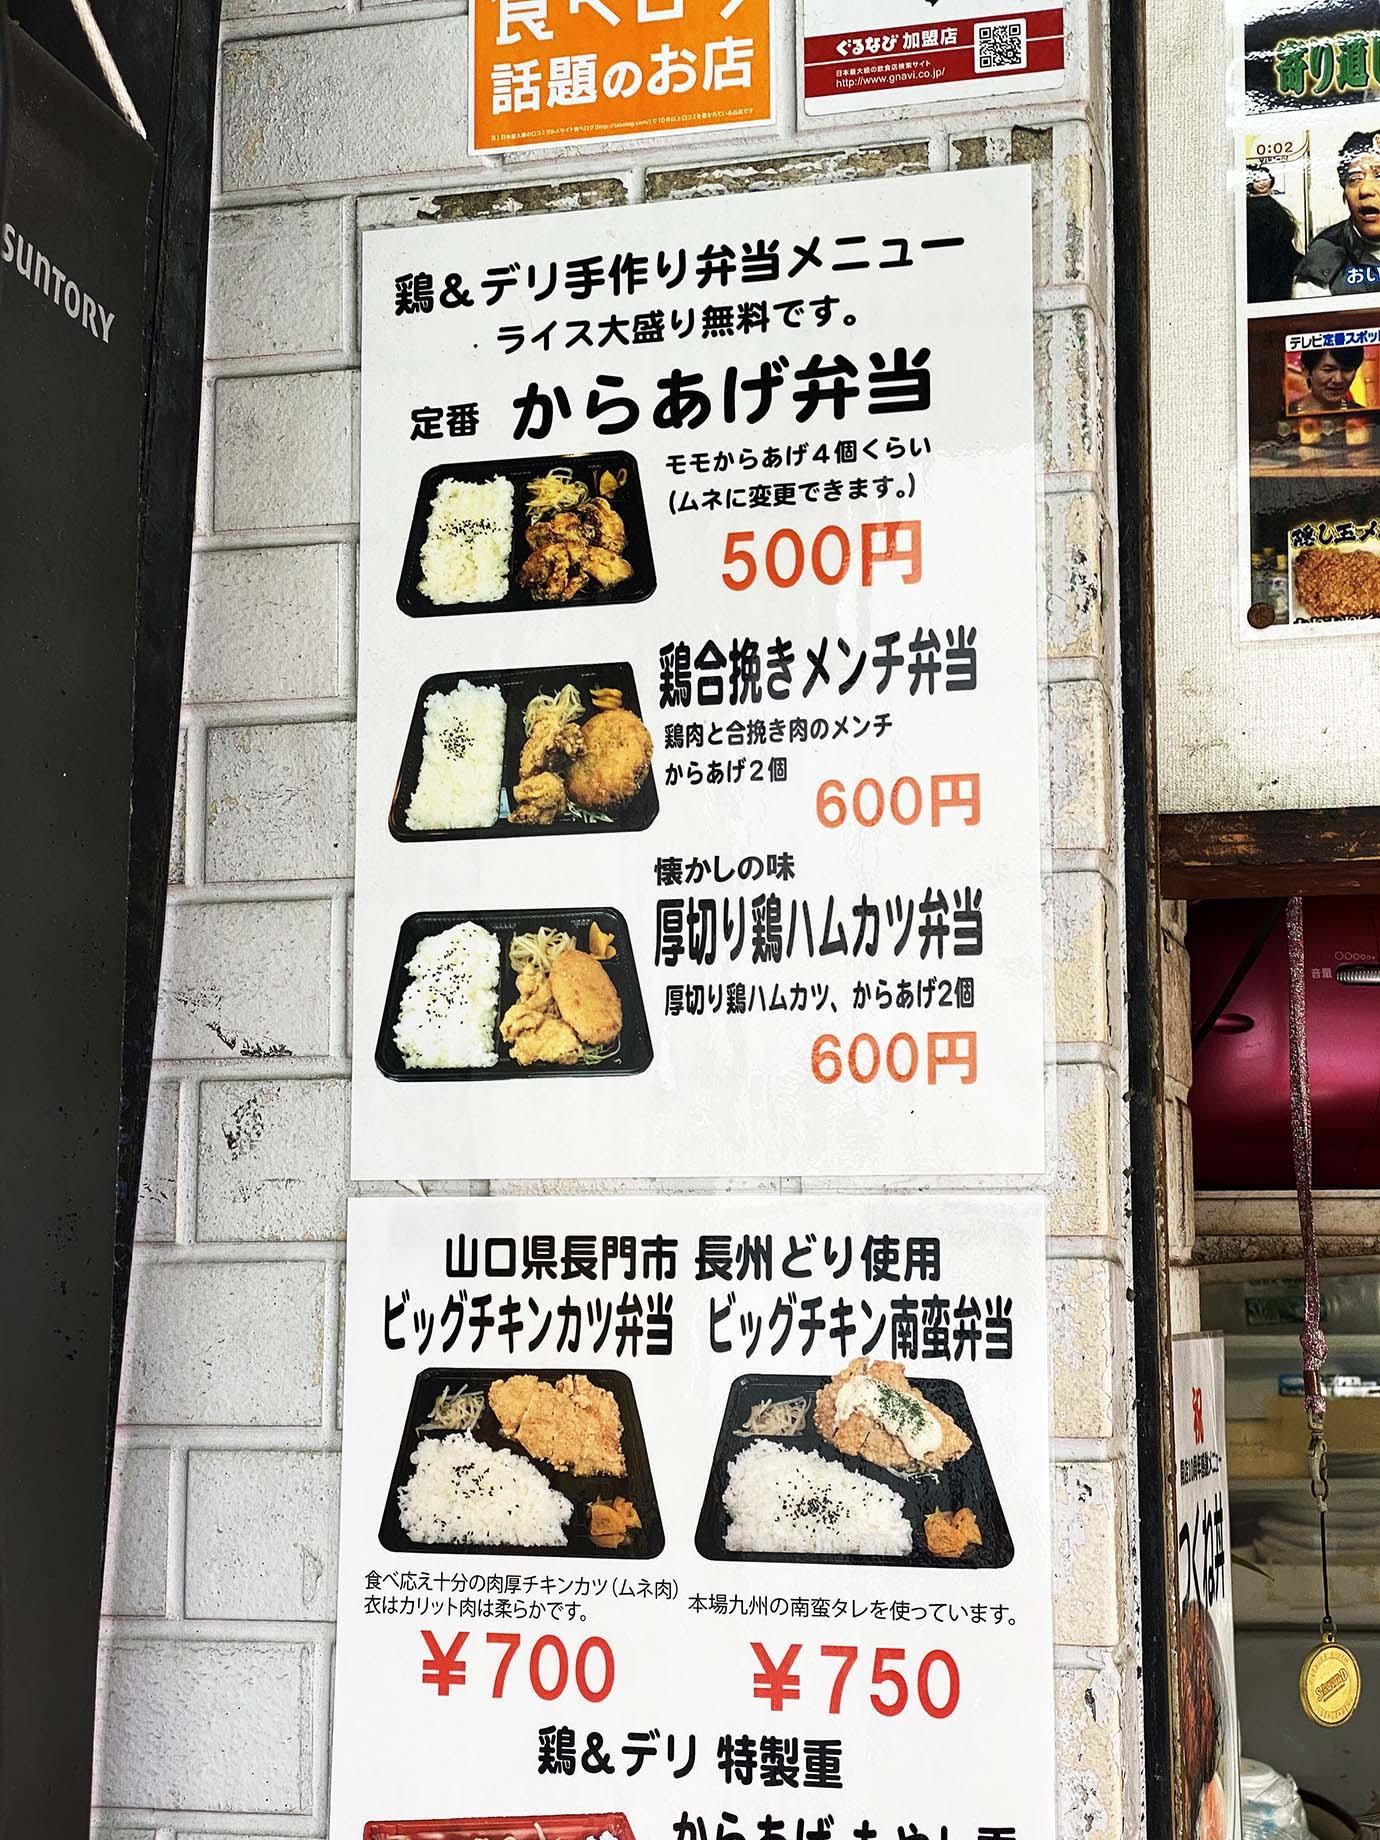 togoshi-ginza-benro-umai